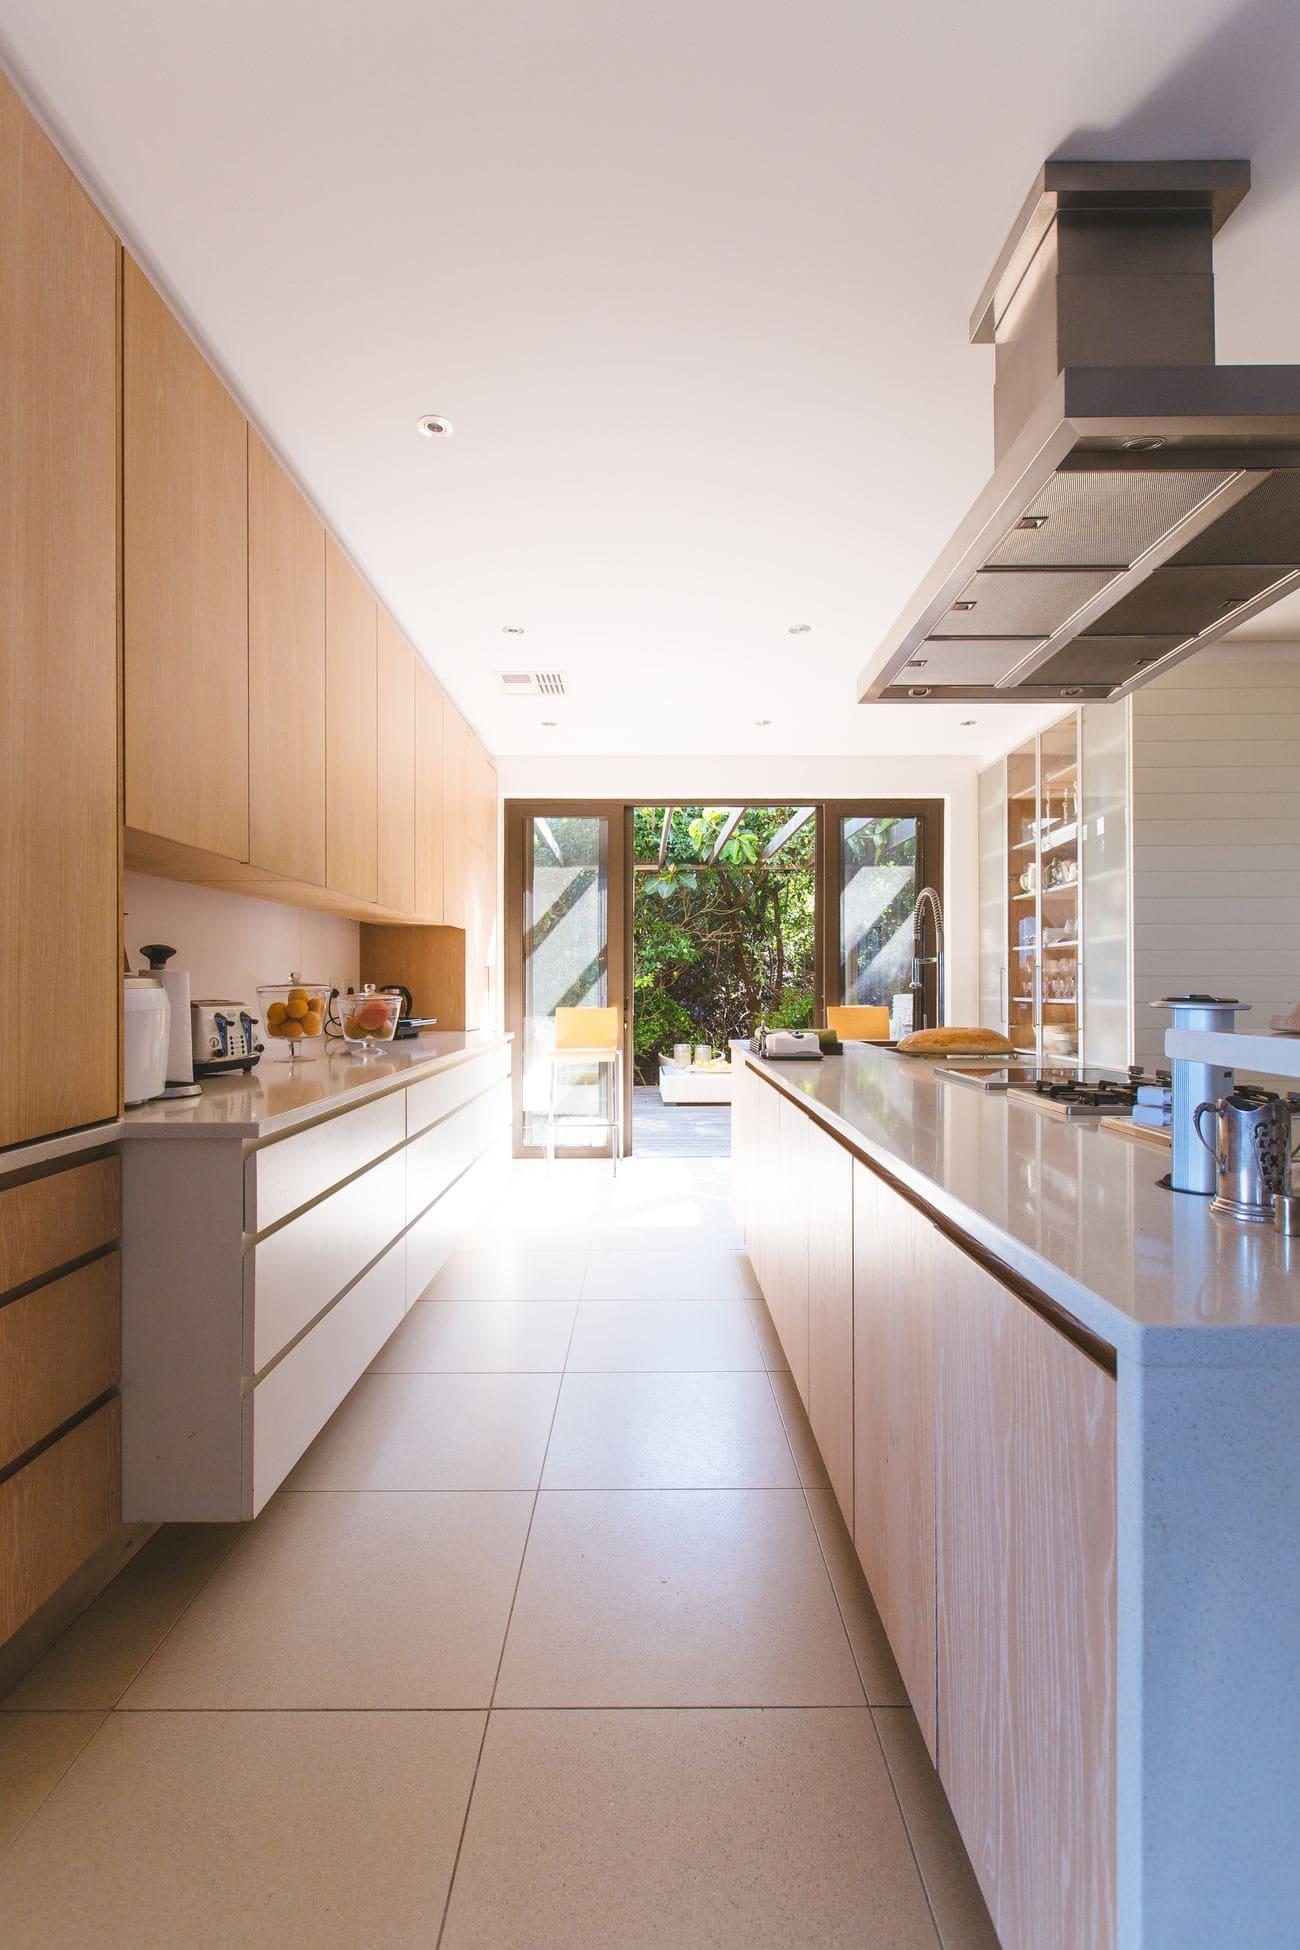 Cucina Soggiorno Stretta E Lunga cucina lunga e stretta_1 | man casa